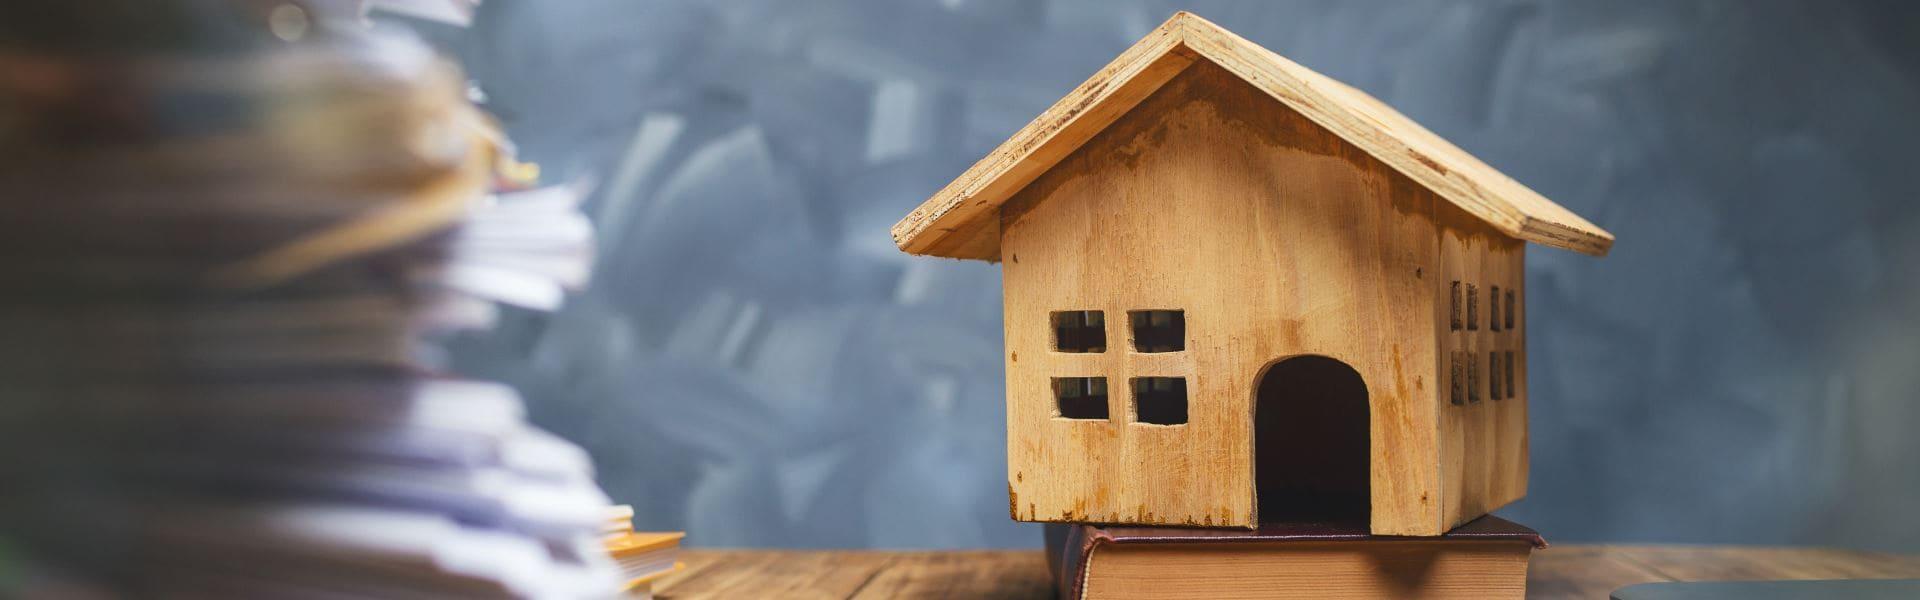 Как выписать ребенка при продаже квартиры в 2020 году: общие правила, пошаговая инструкция, подводные камни и риски